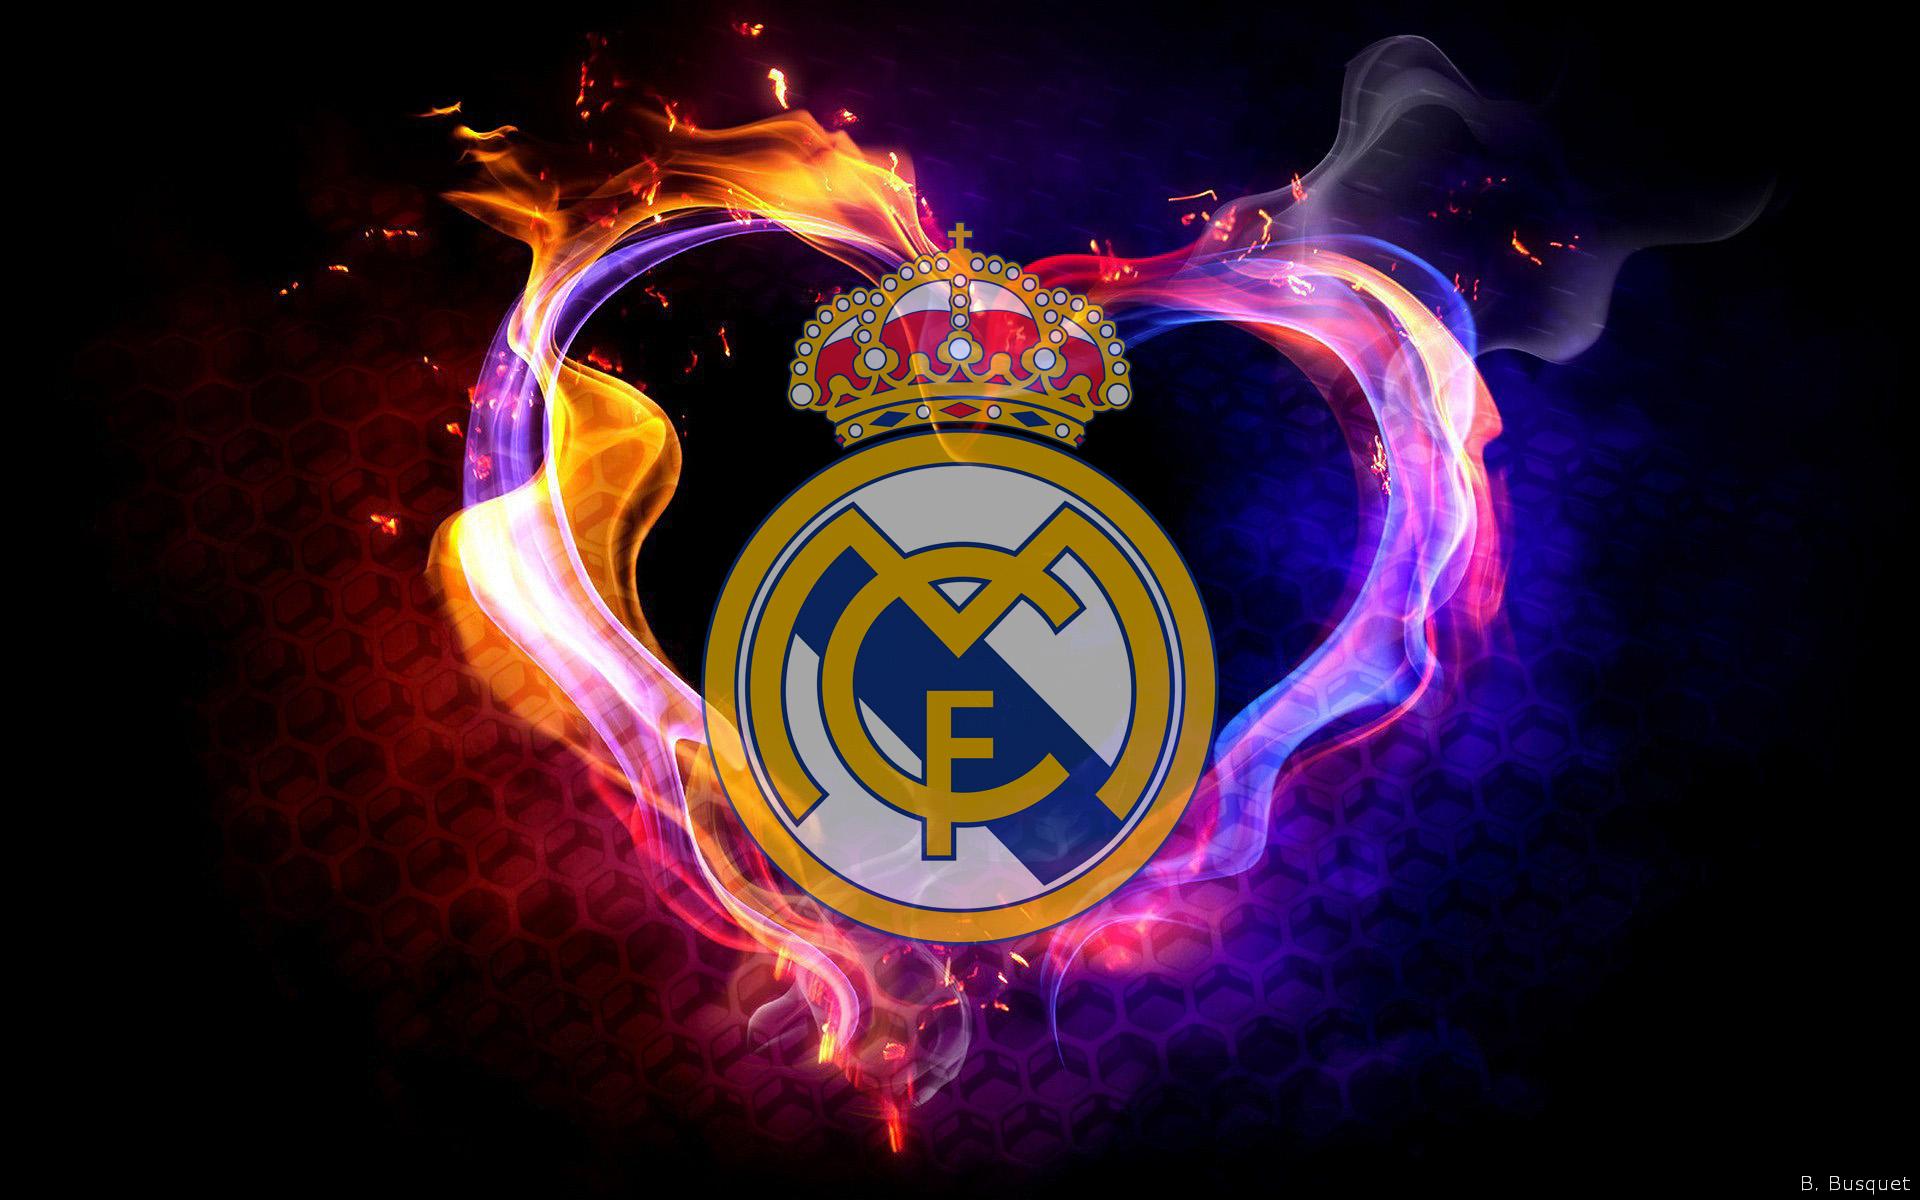 بالصور صور ريال مدريد , نادى المحترفين الاسبانى و شعارة العظيم 2338